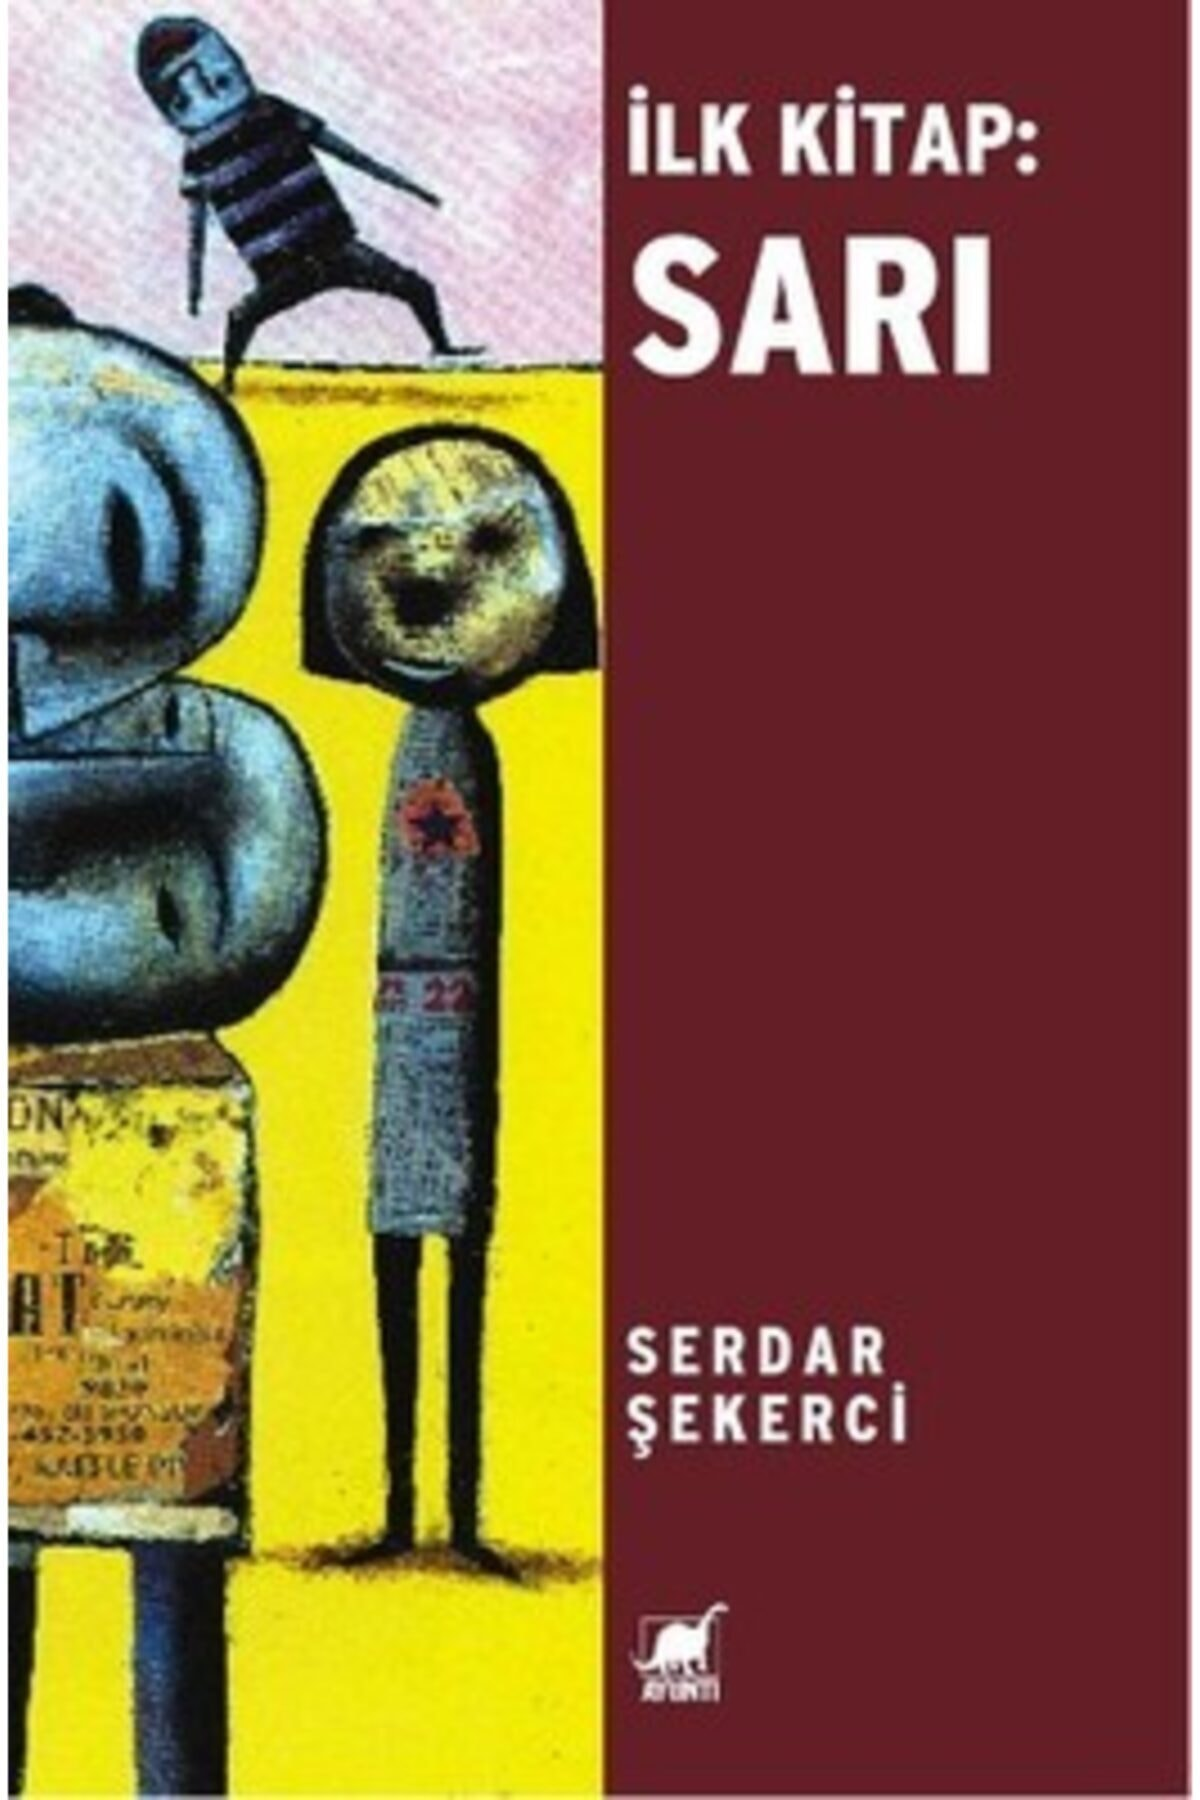 Ayrıntı Yayınları Ilk Kitap:sarı - Serdar Şekerci 1